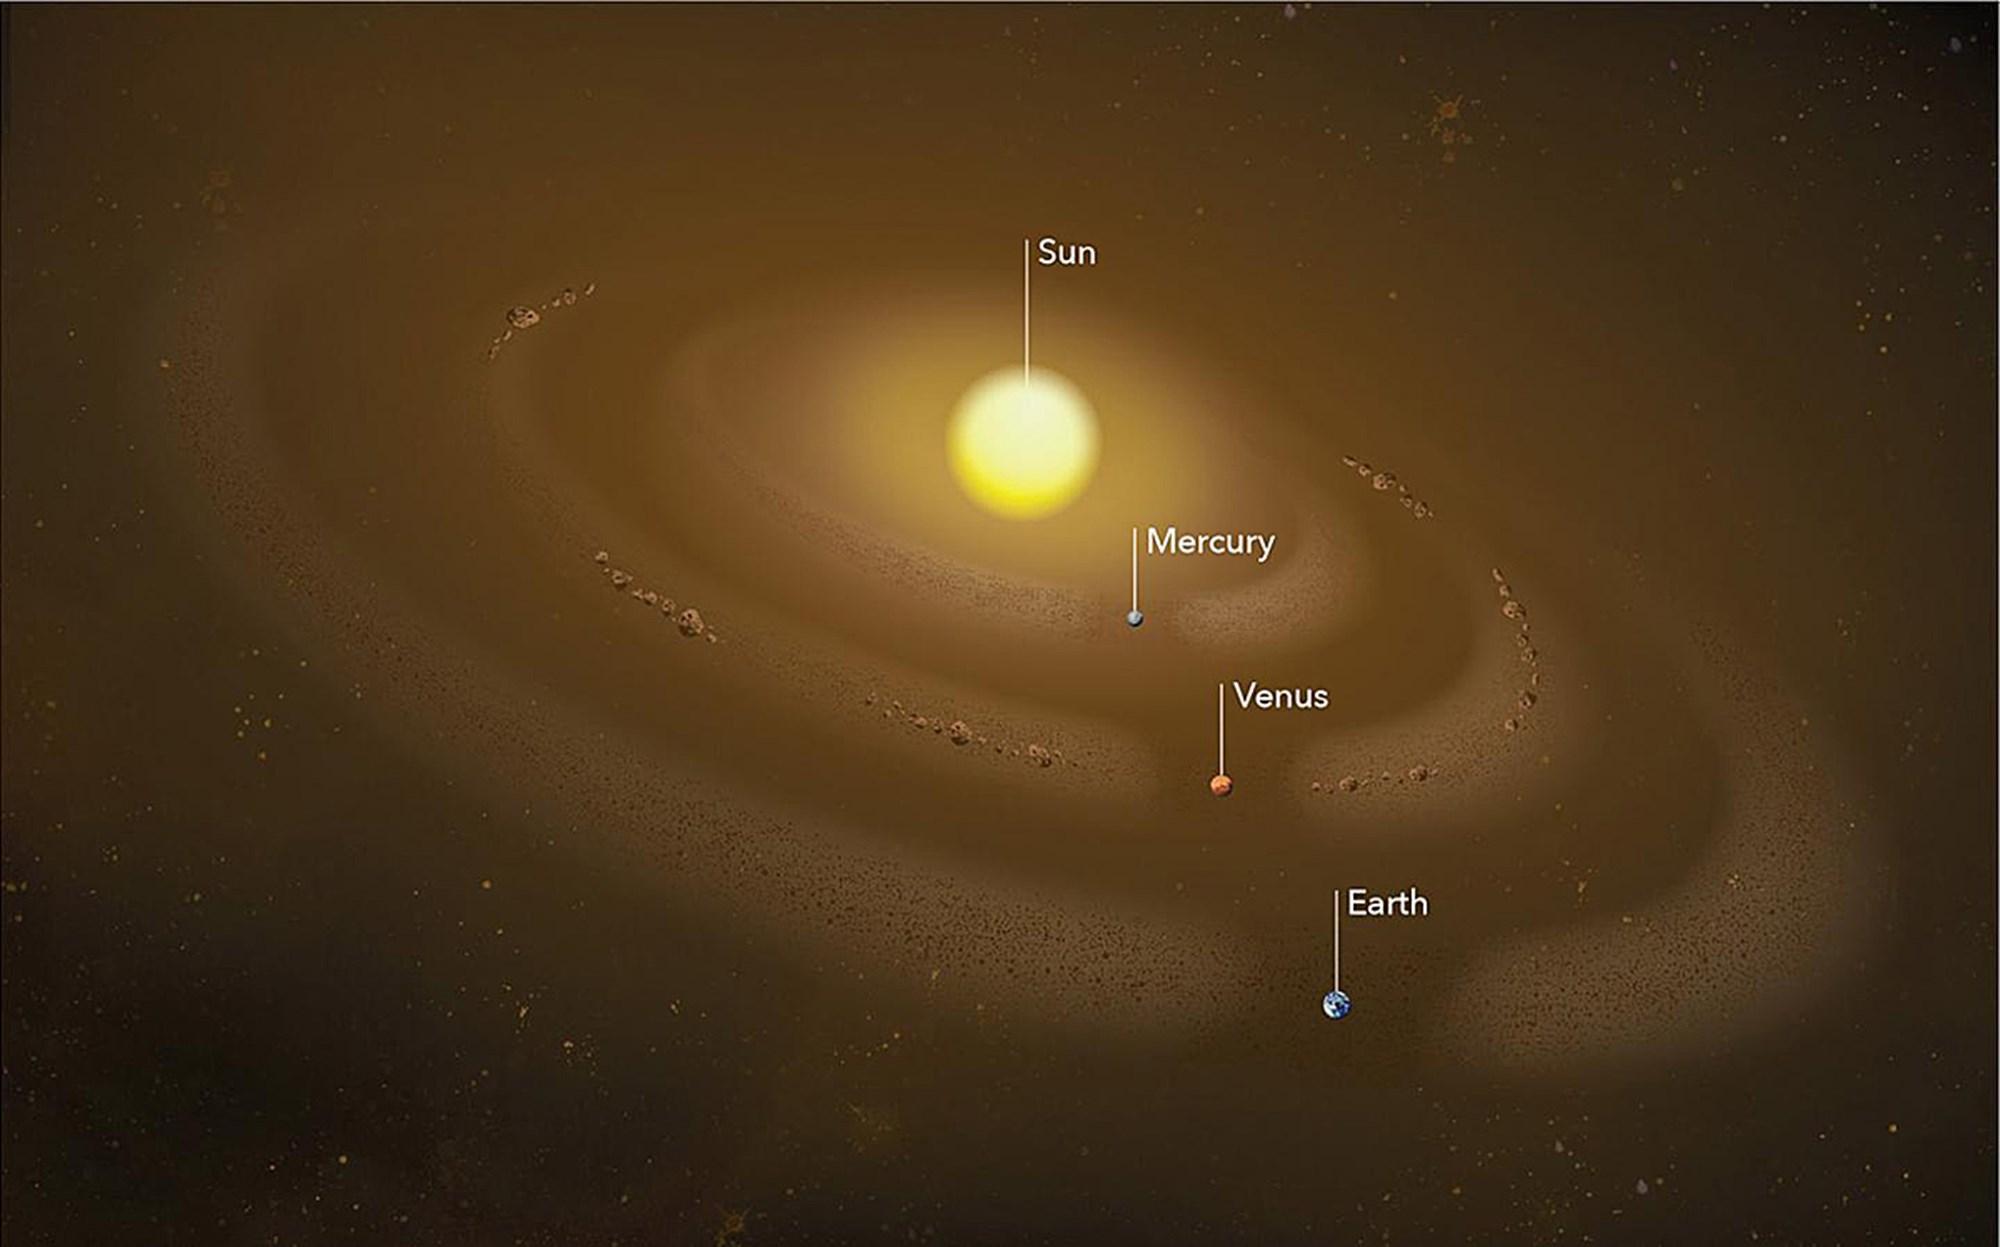 Riesige Staubringe um die Sonne entdeckt – derStandard.at